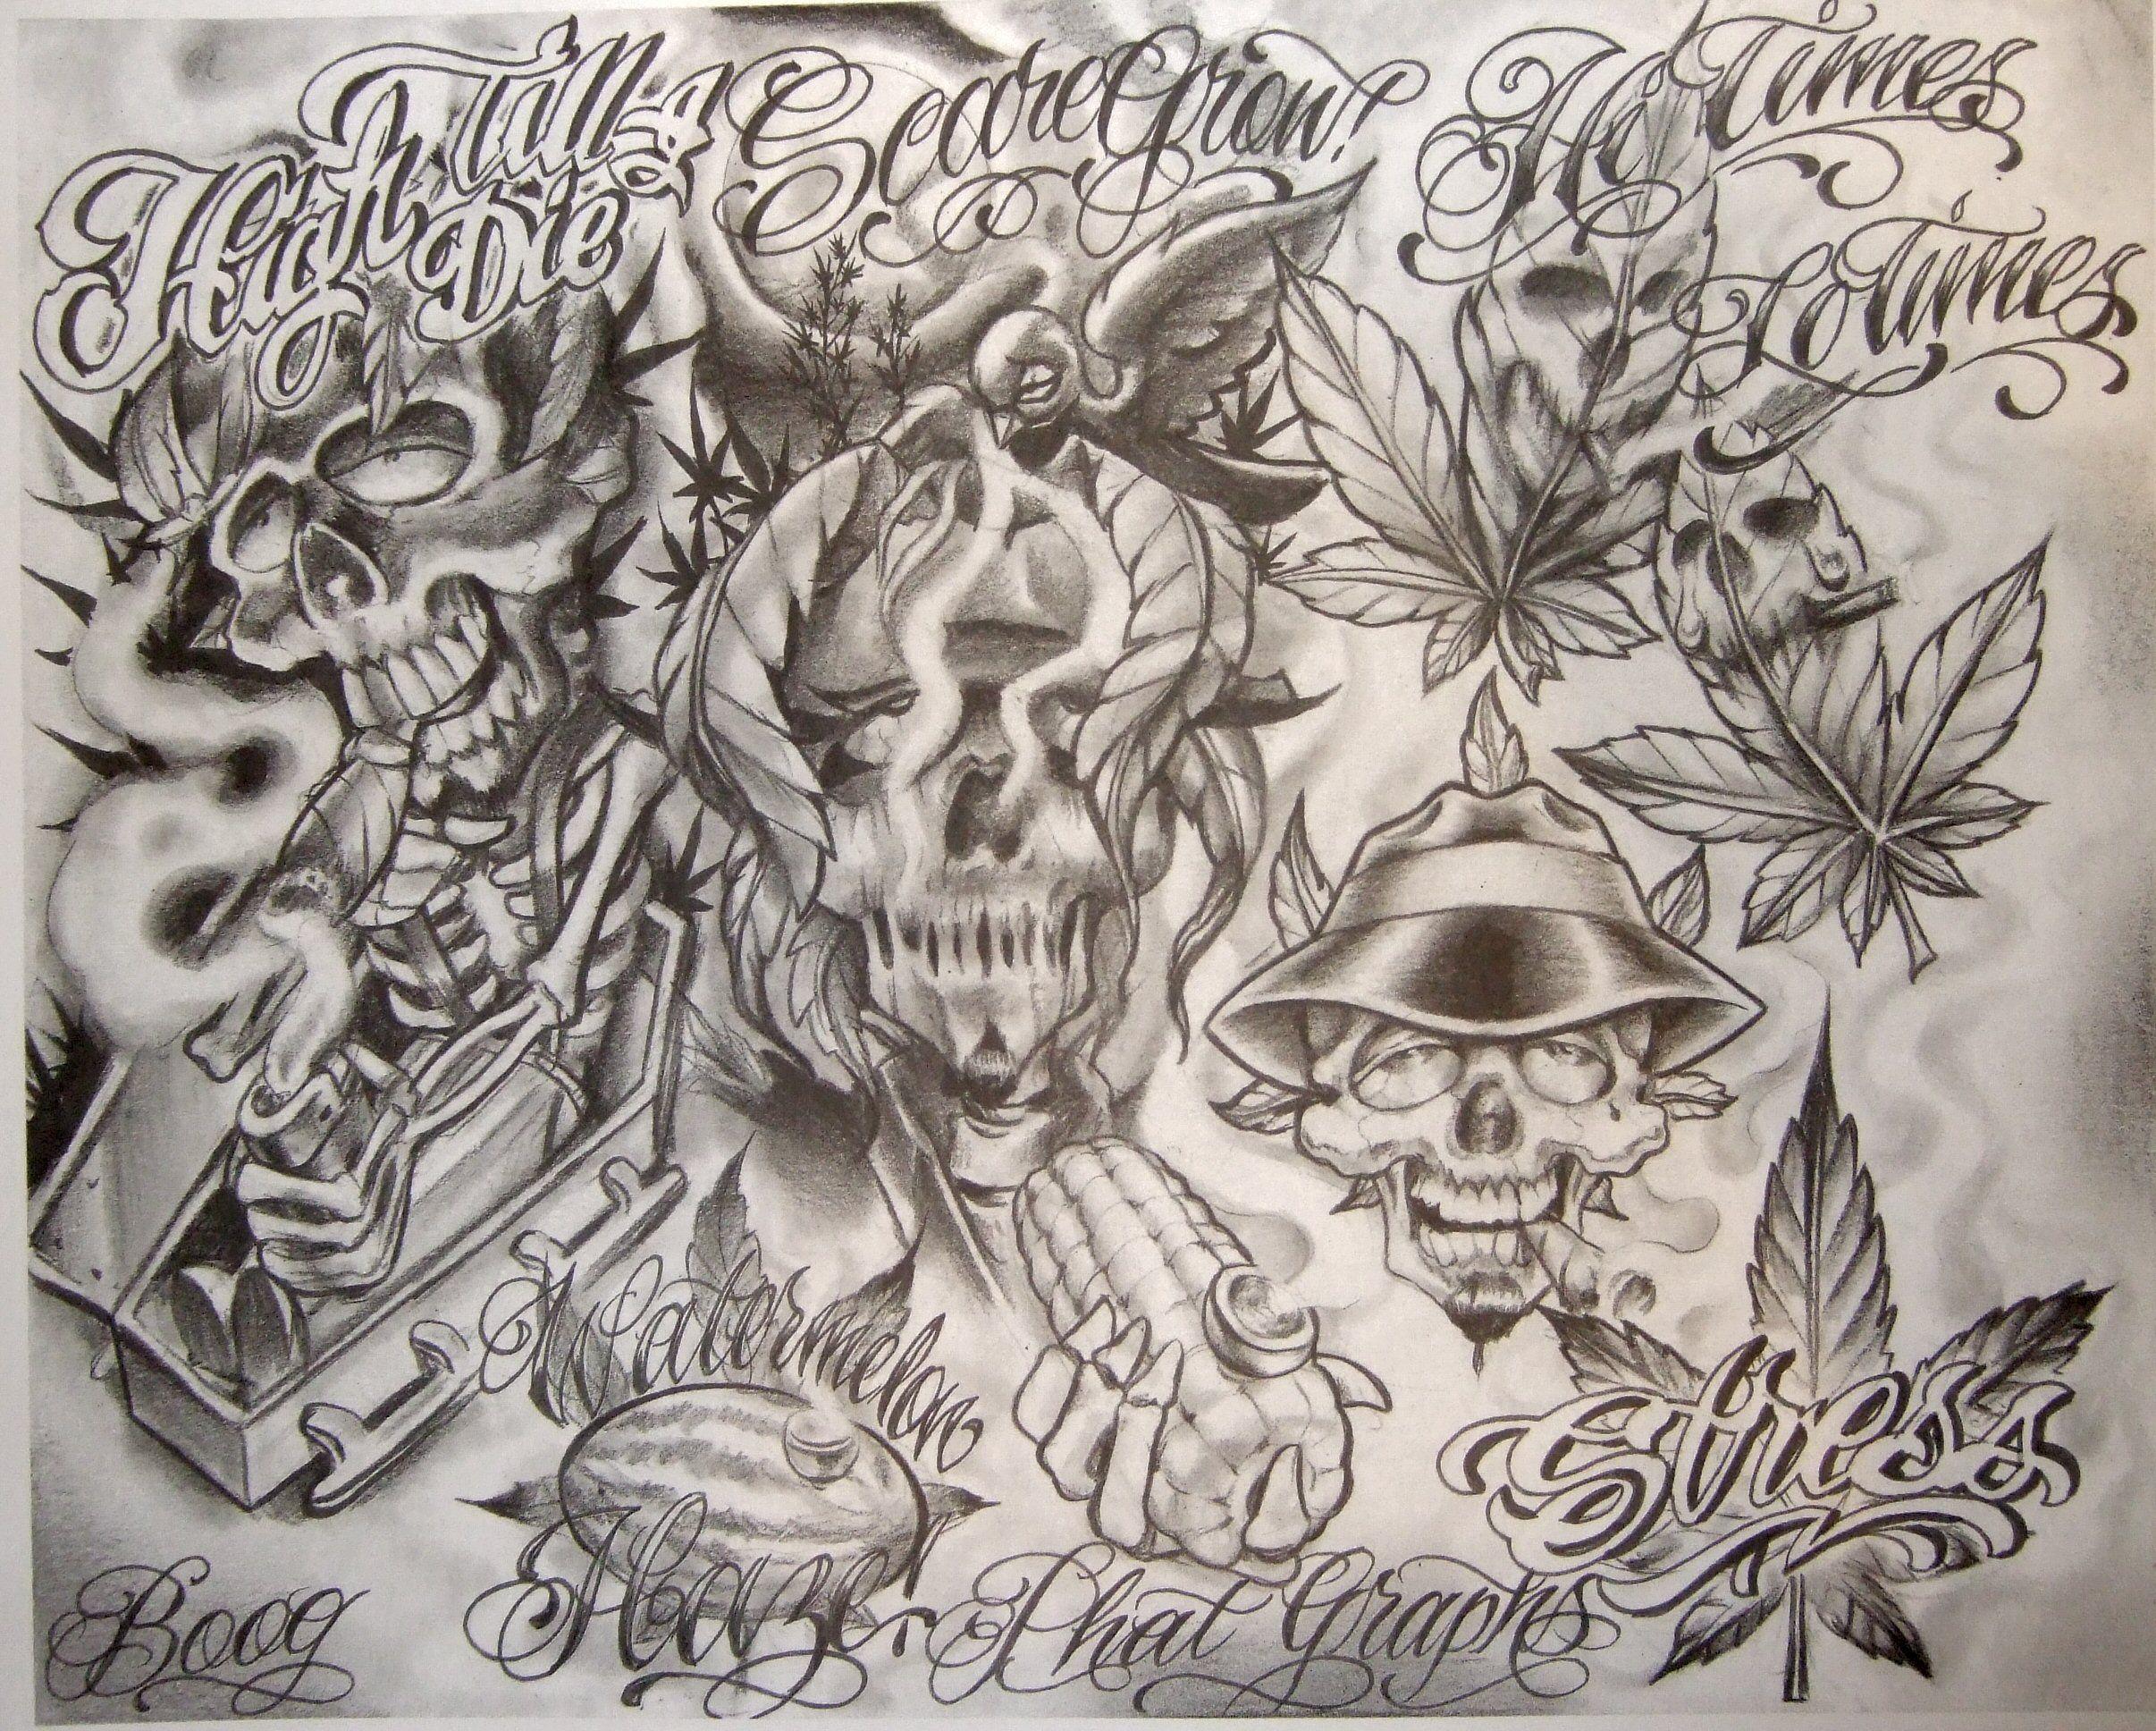 Tattoo Flash By Boog Tatuirovki Zarisovki 191 Foto Boog Tattoo Gangsta Tattoos Gangster Tattoos